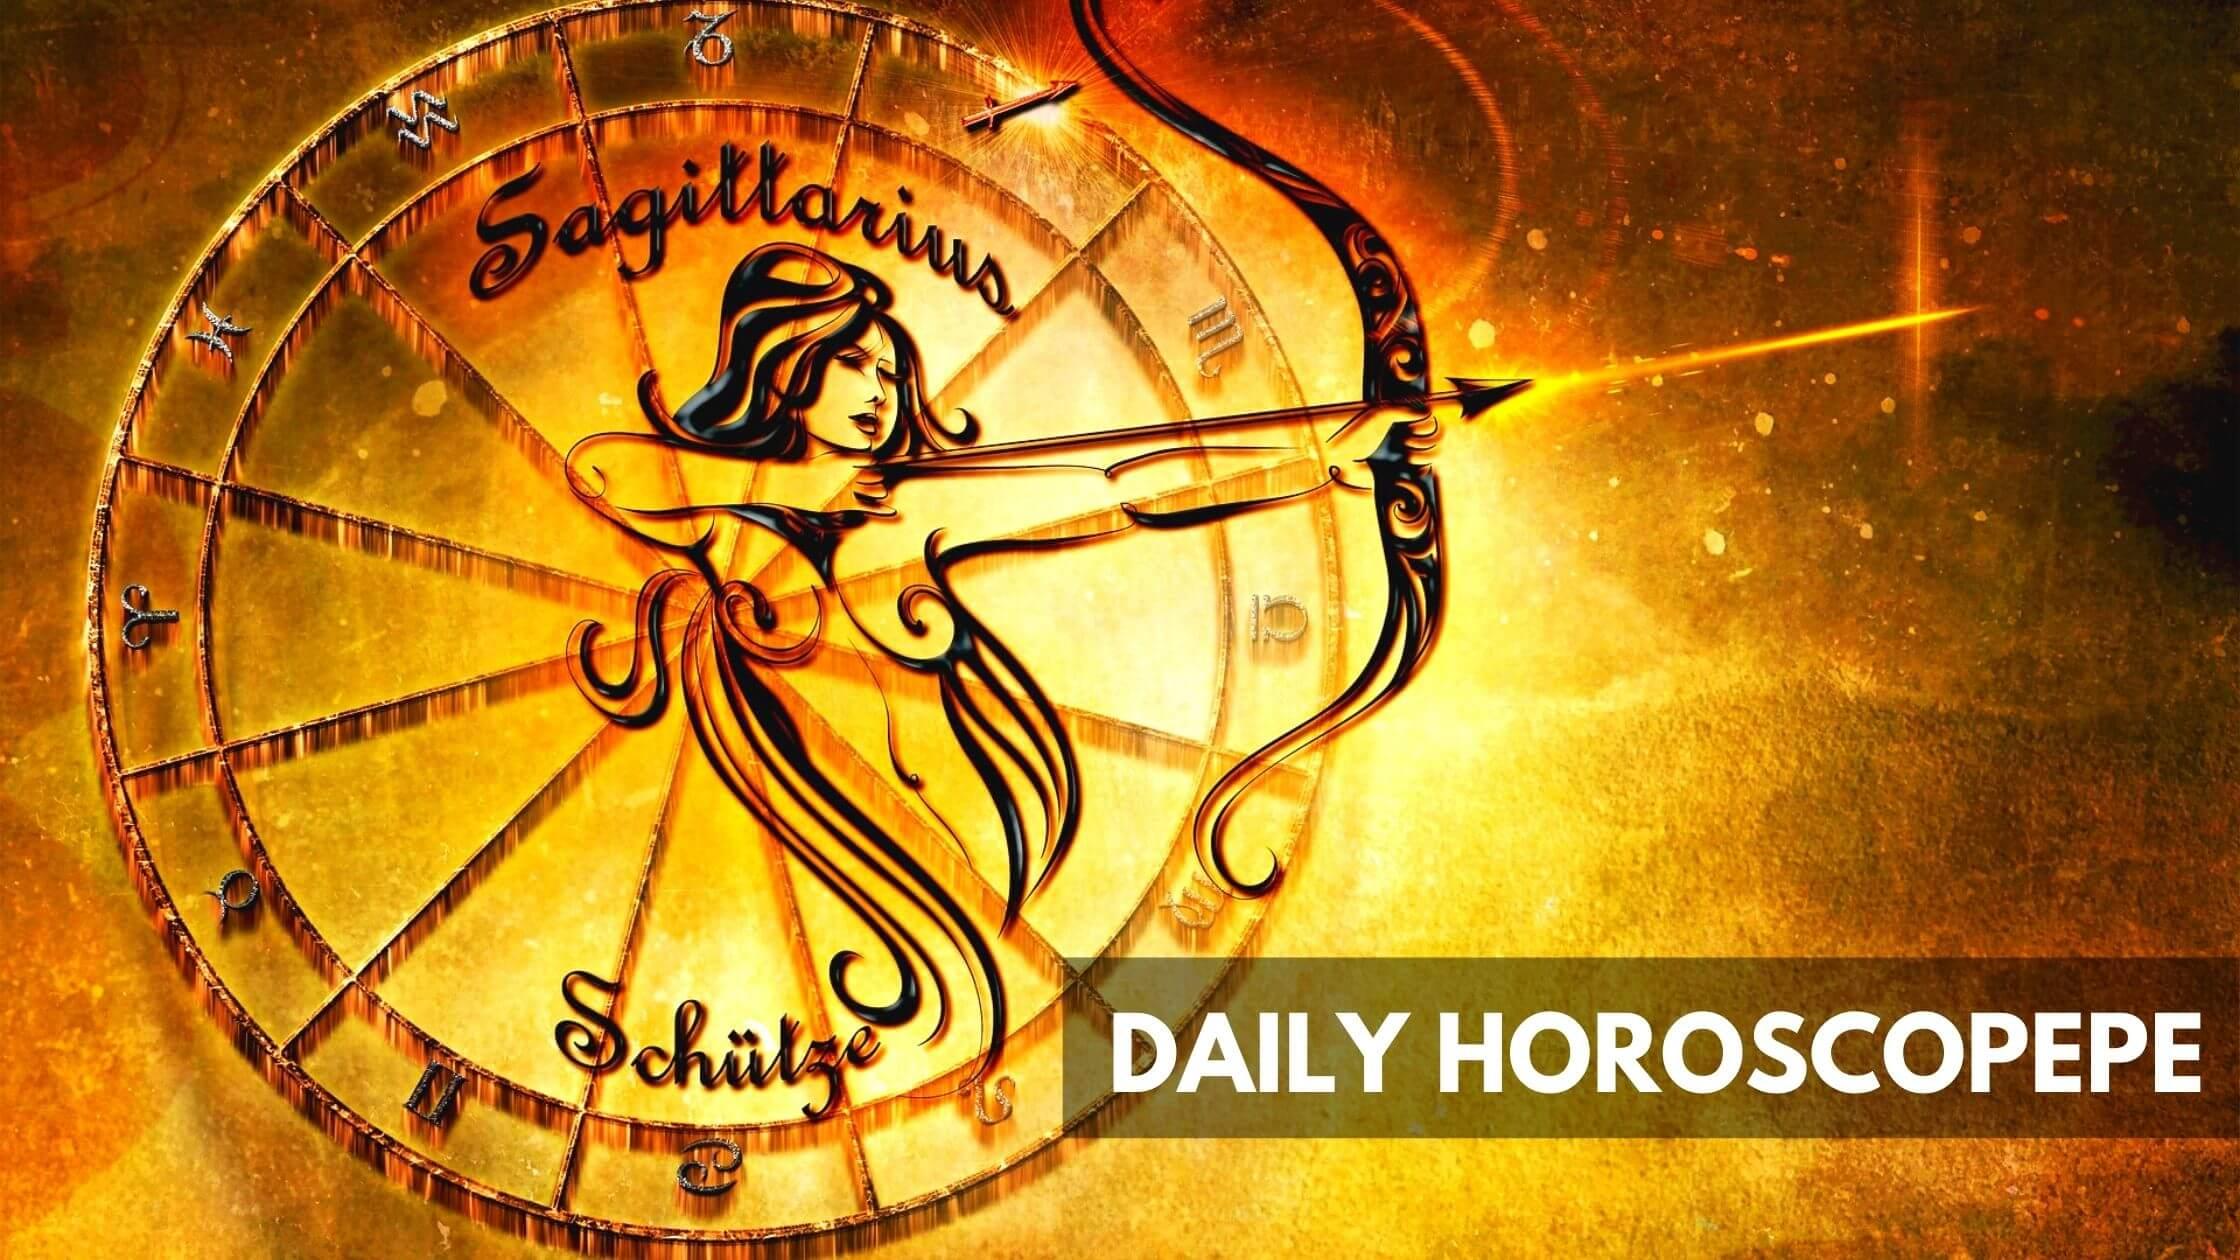 Daily Horoscope | Infinity World News | Todays Horoscope